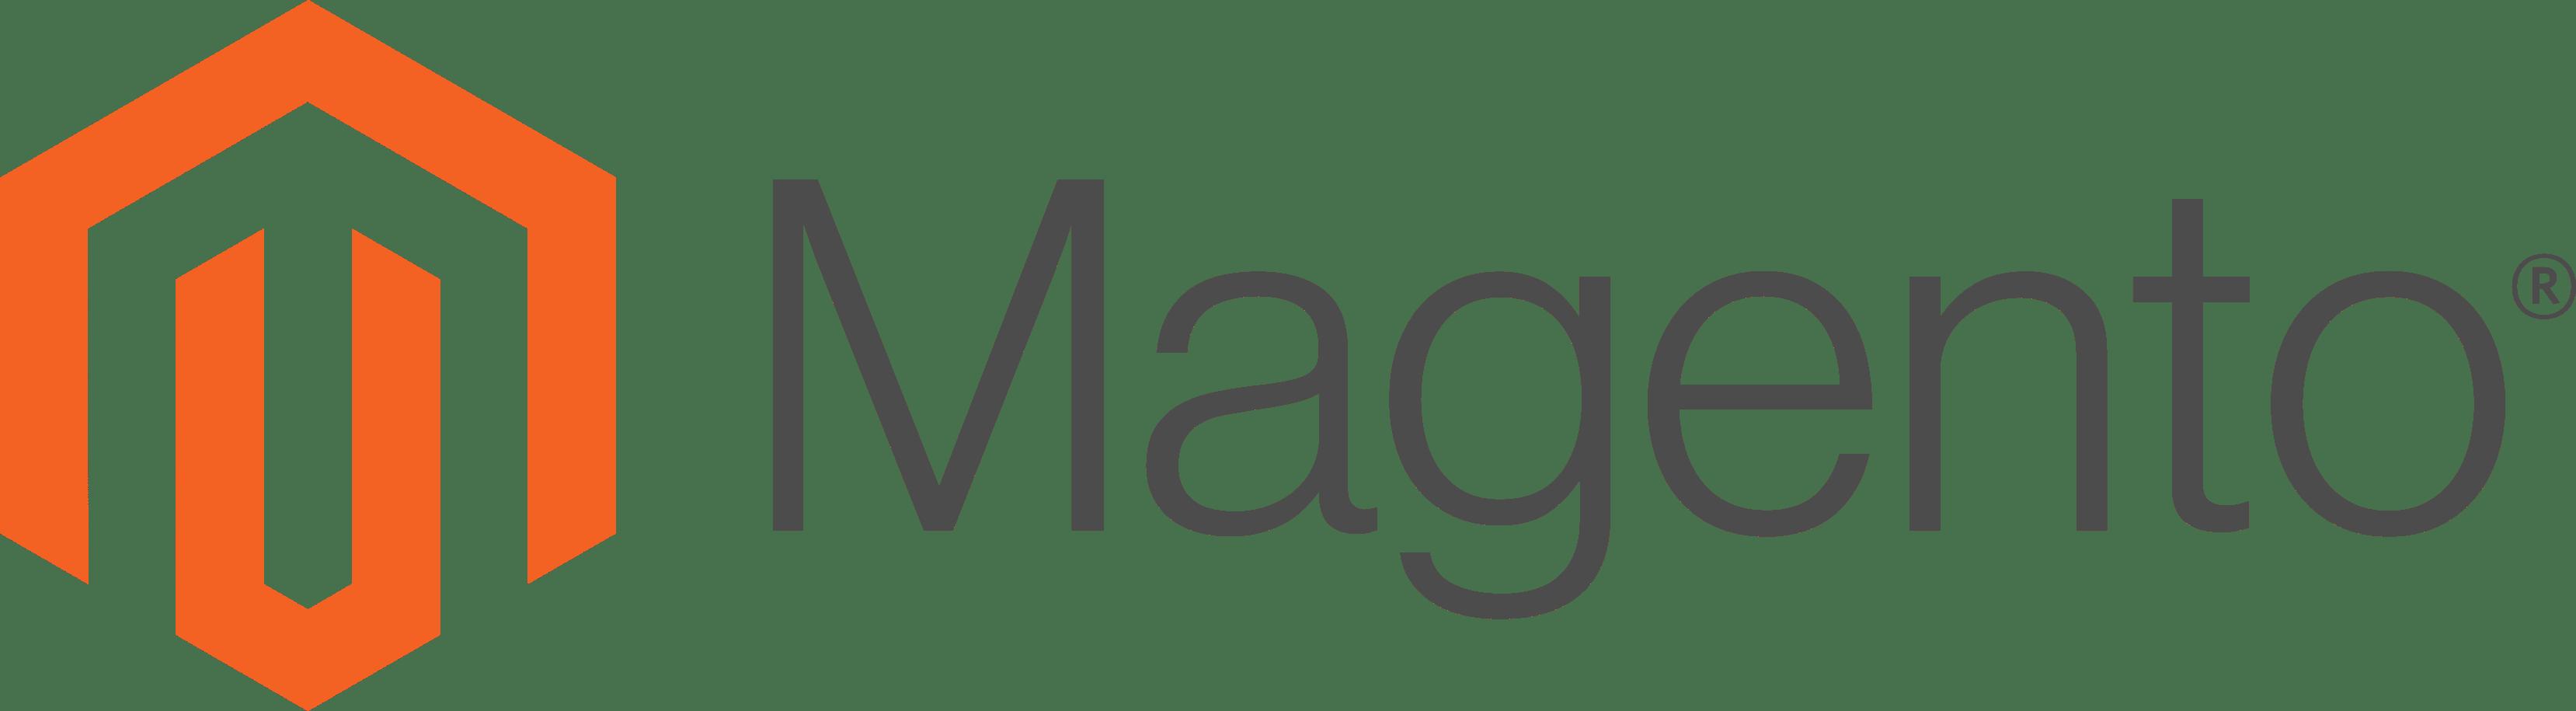 Исчерпывающие бенчмарки PHP 5.6, 7.0, 7.1, 7.2 и HHVM (2018) - 12